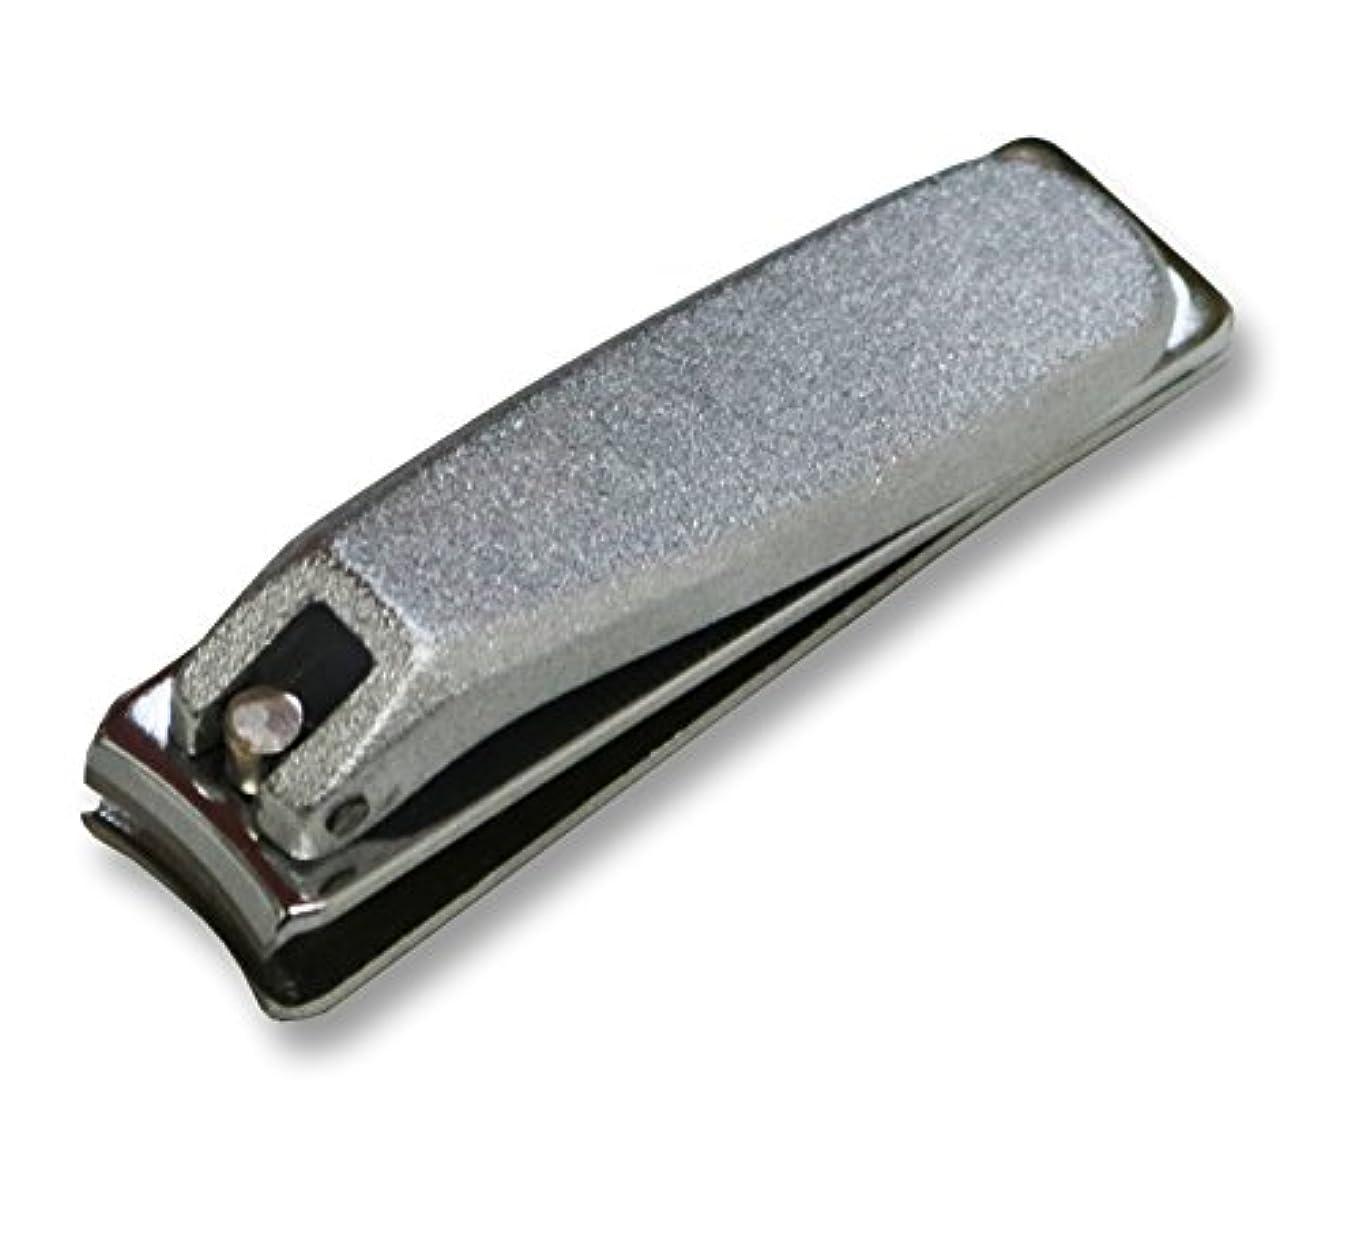 ラジウム透けるKD-023 関の刃物 クローム爪切 小 カバー無